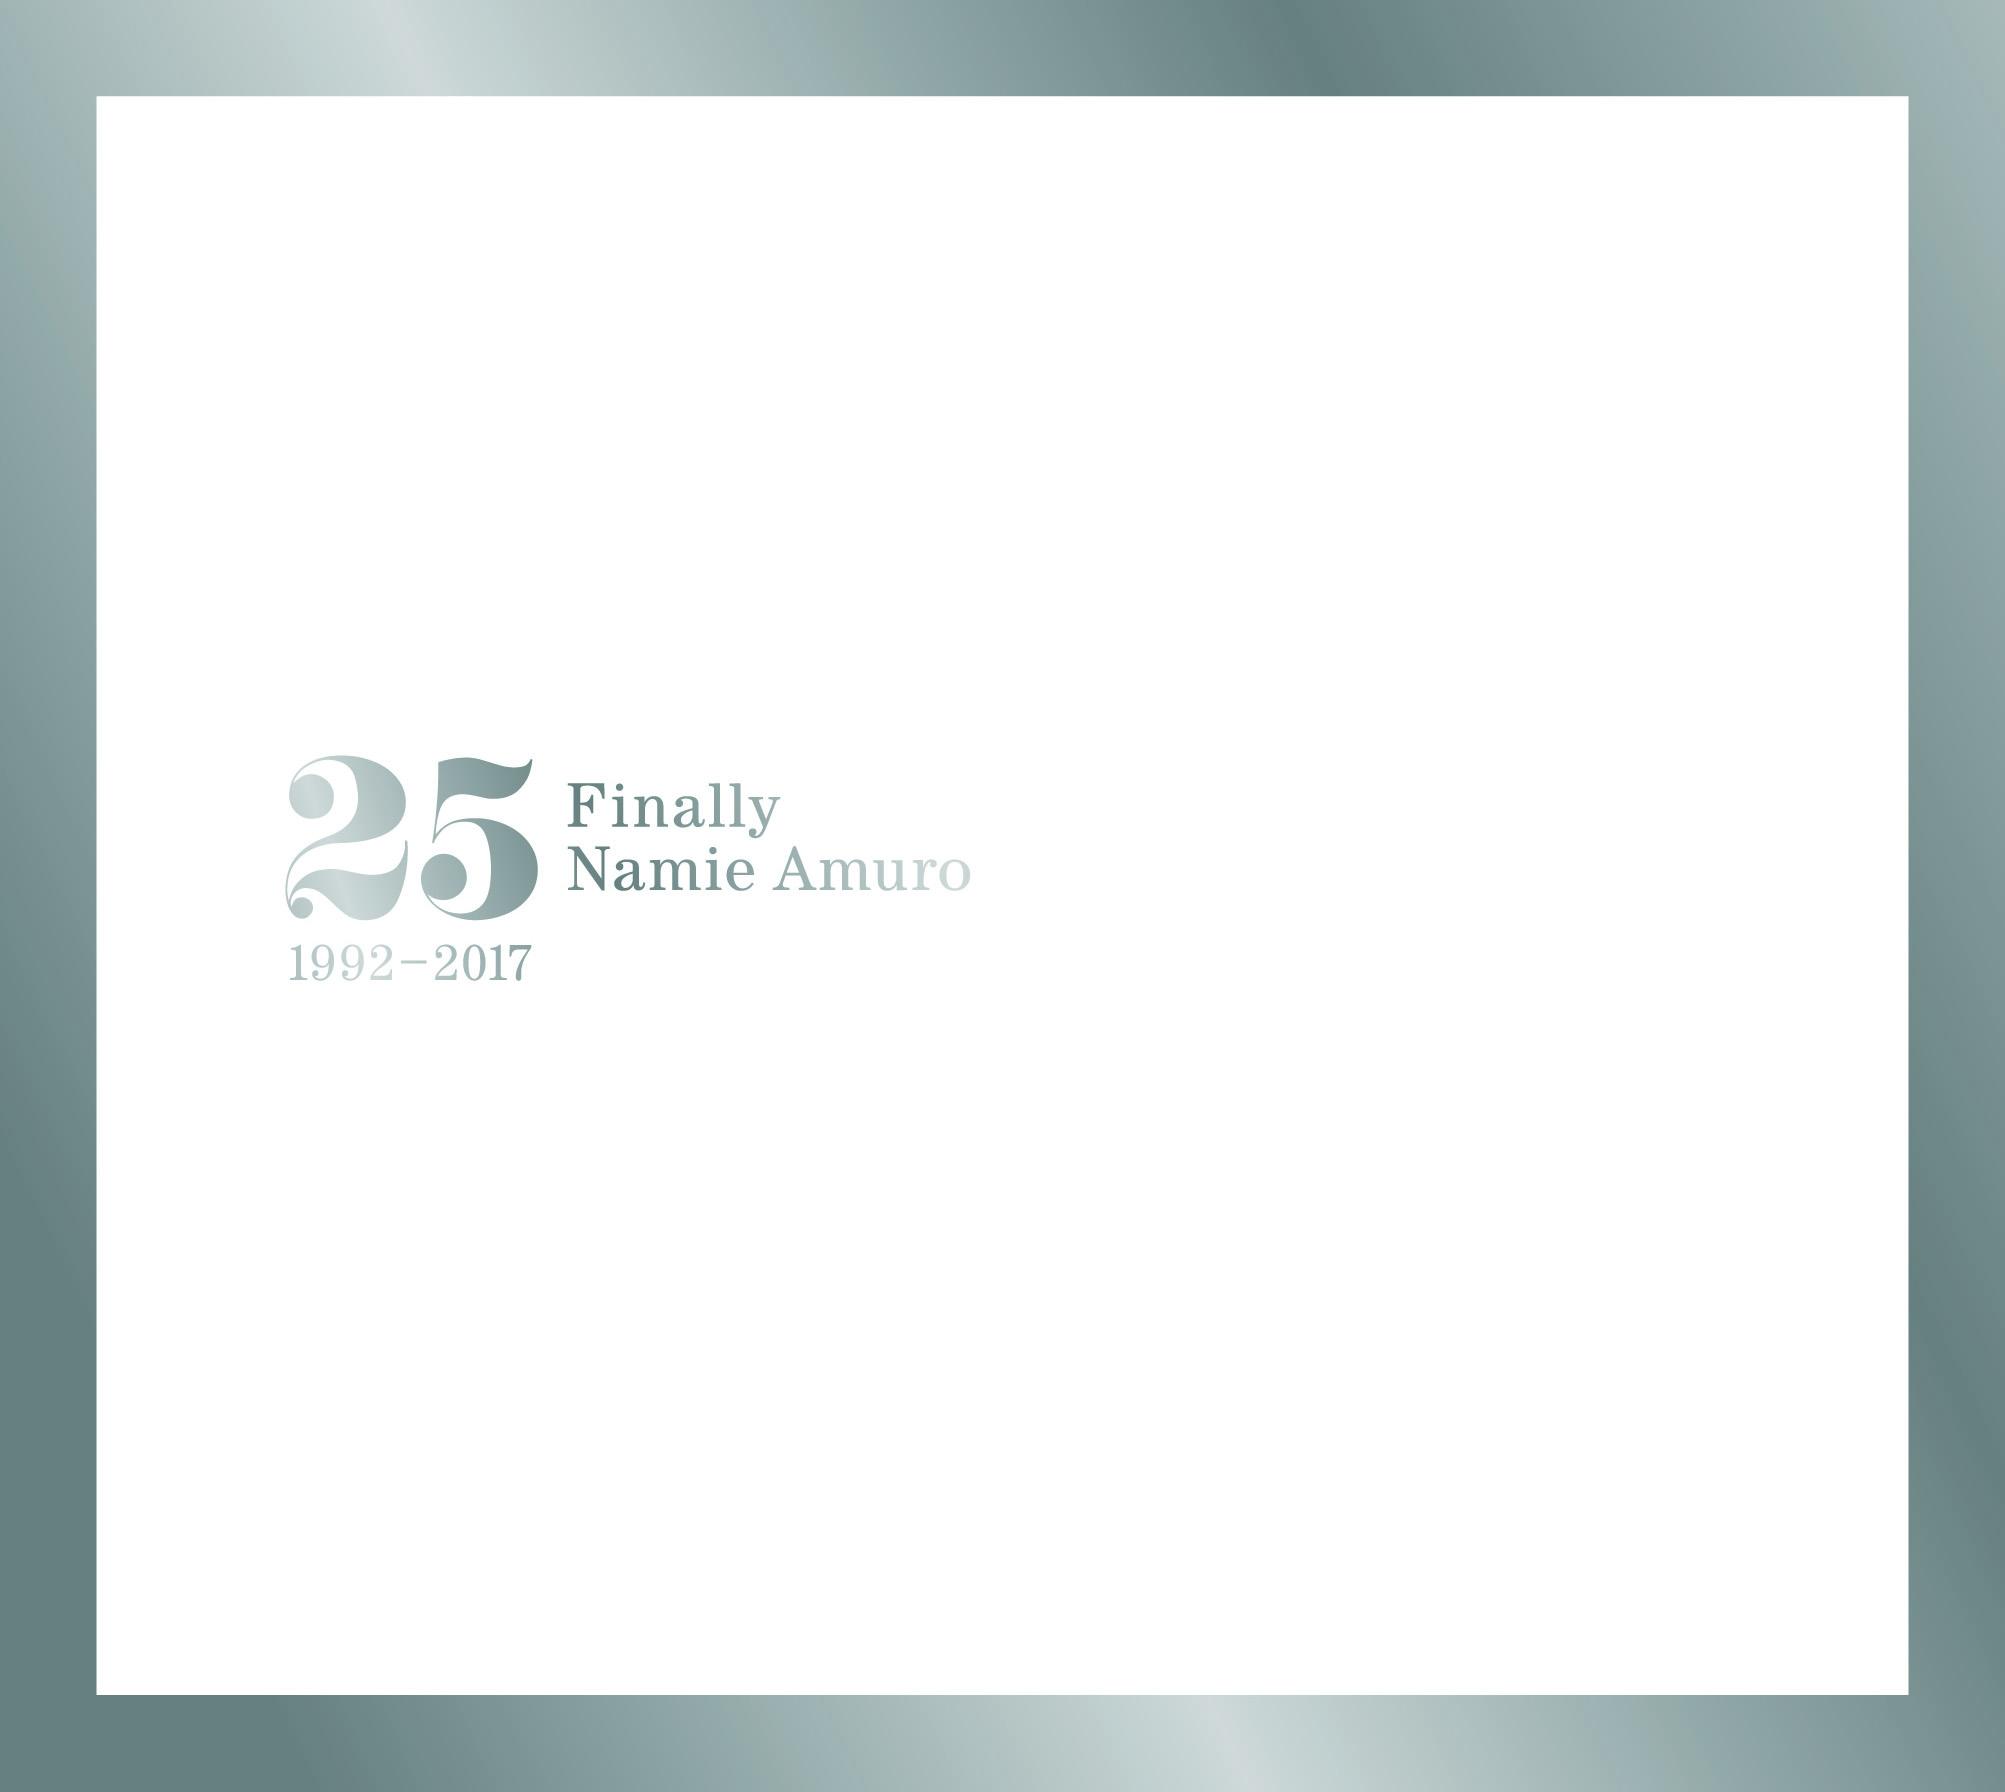 安室奈美恵 オールタイム・ベストアルバム『Finally』CD+DVD